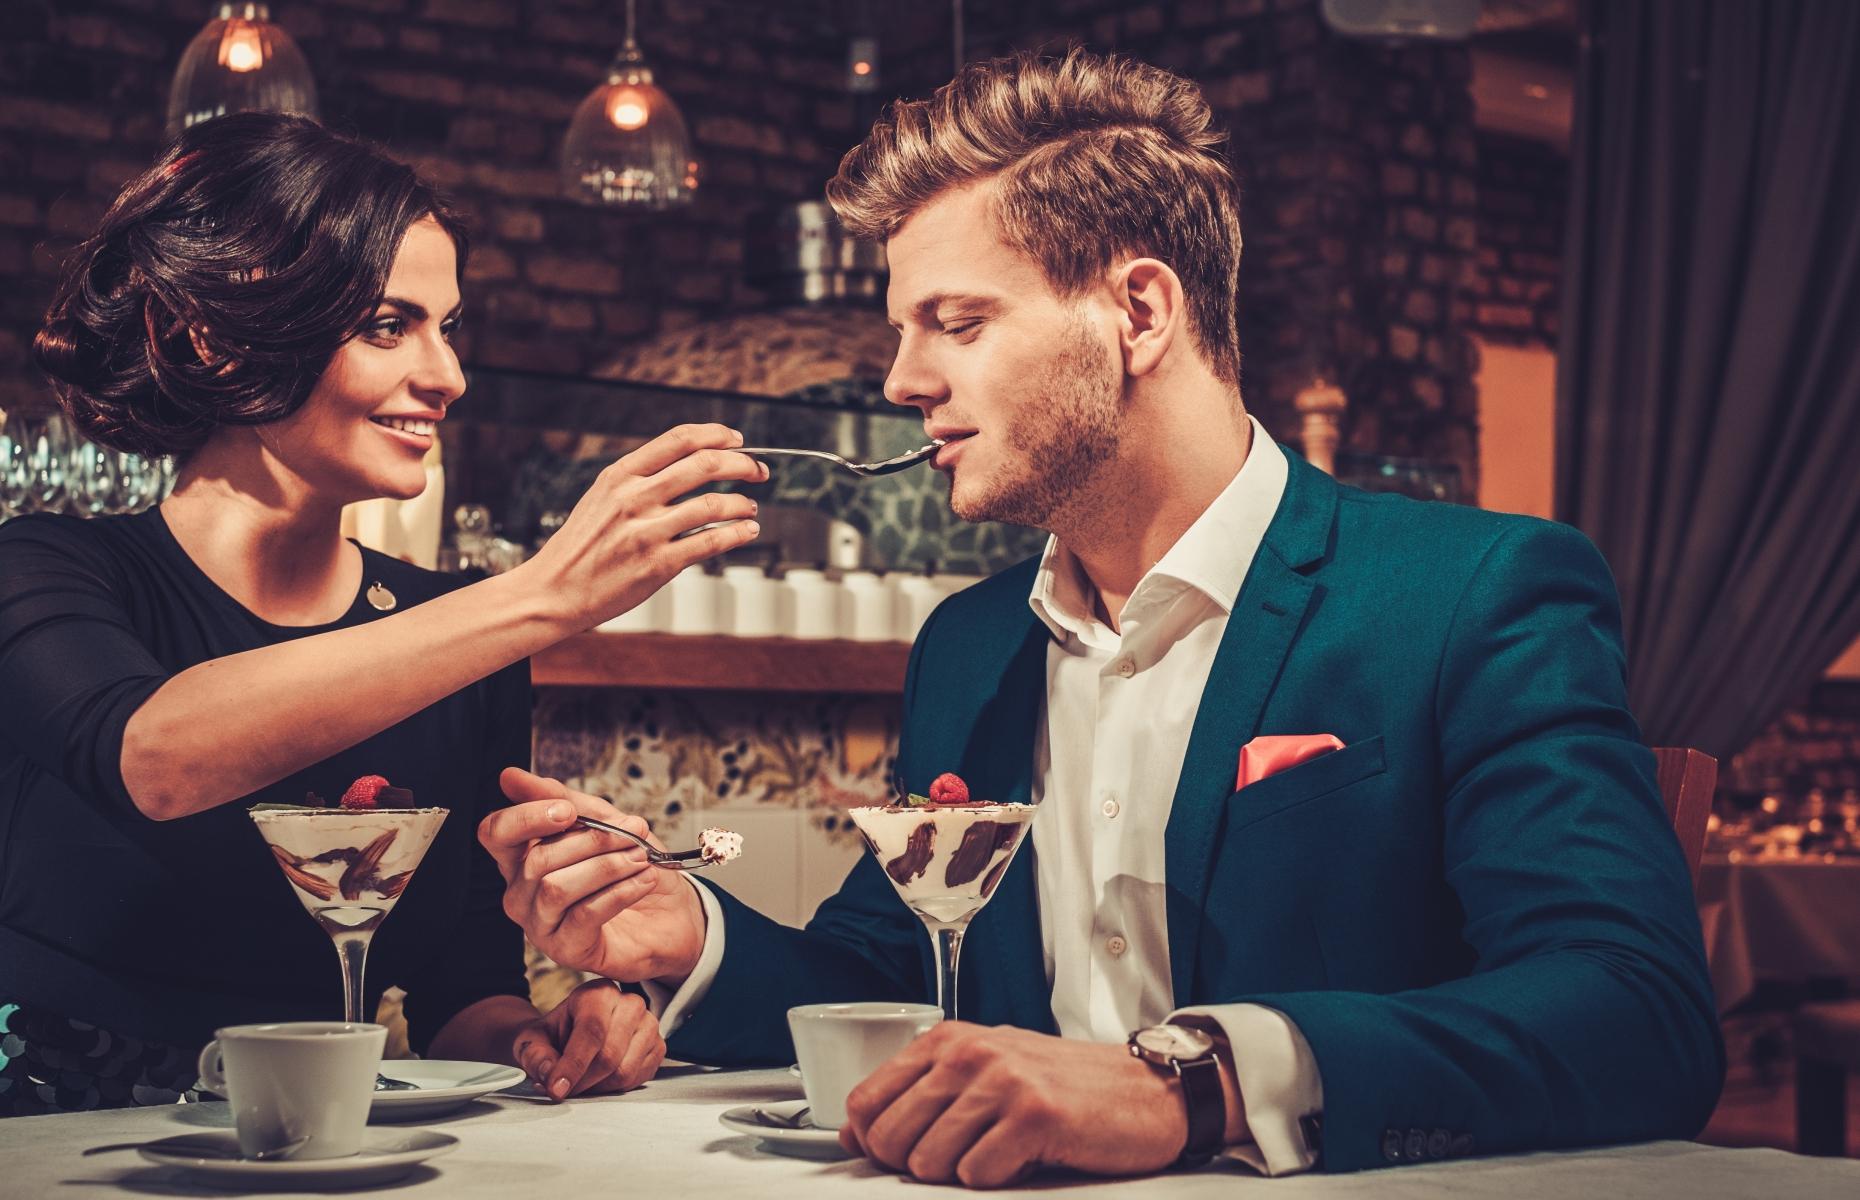 μεγάλο χρόνο βιασύνη dating